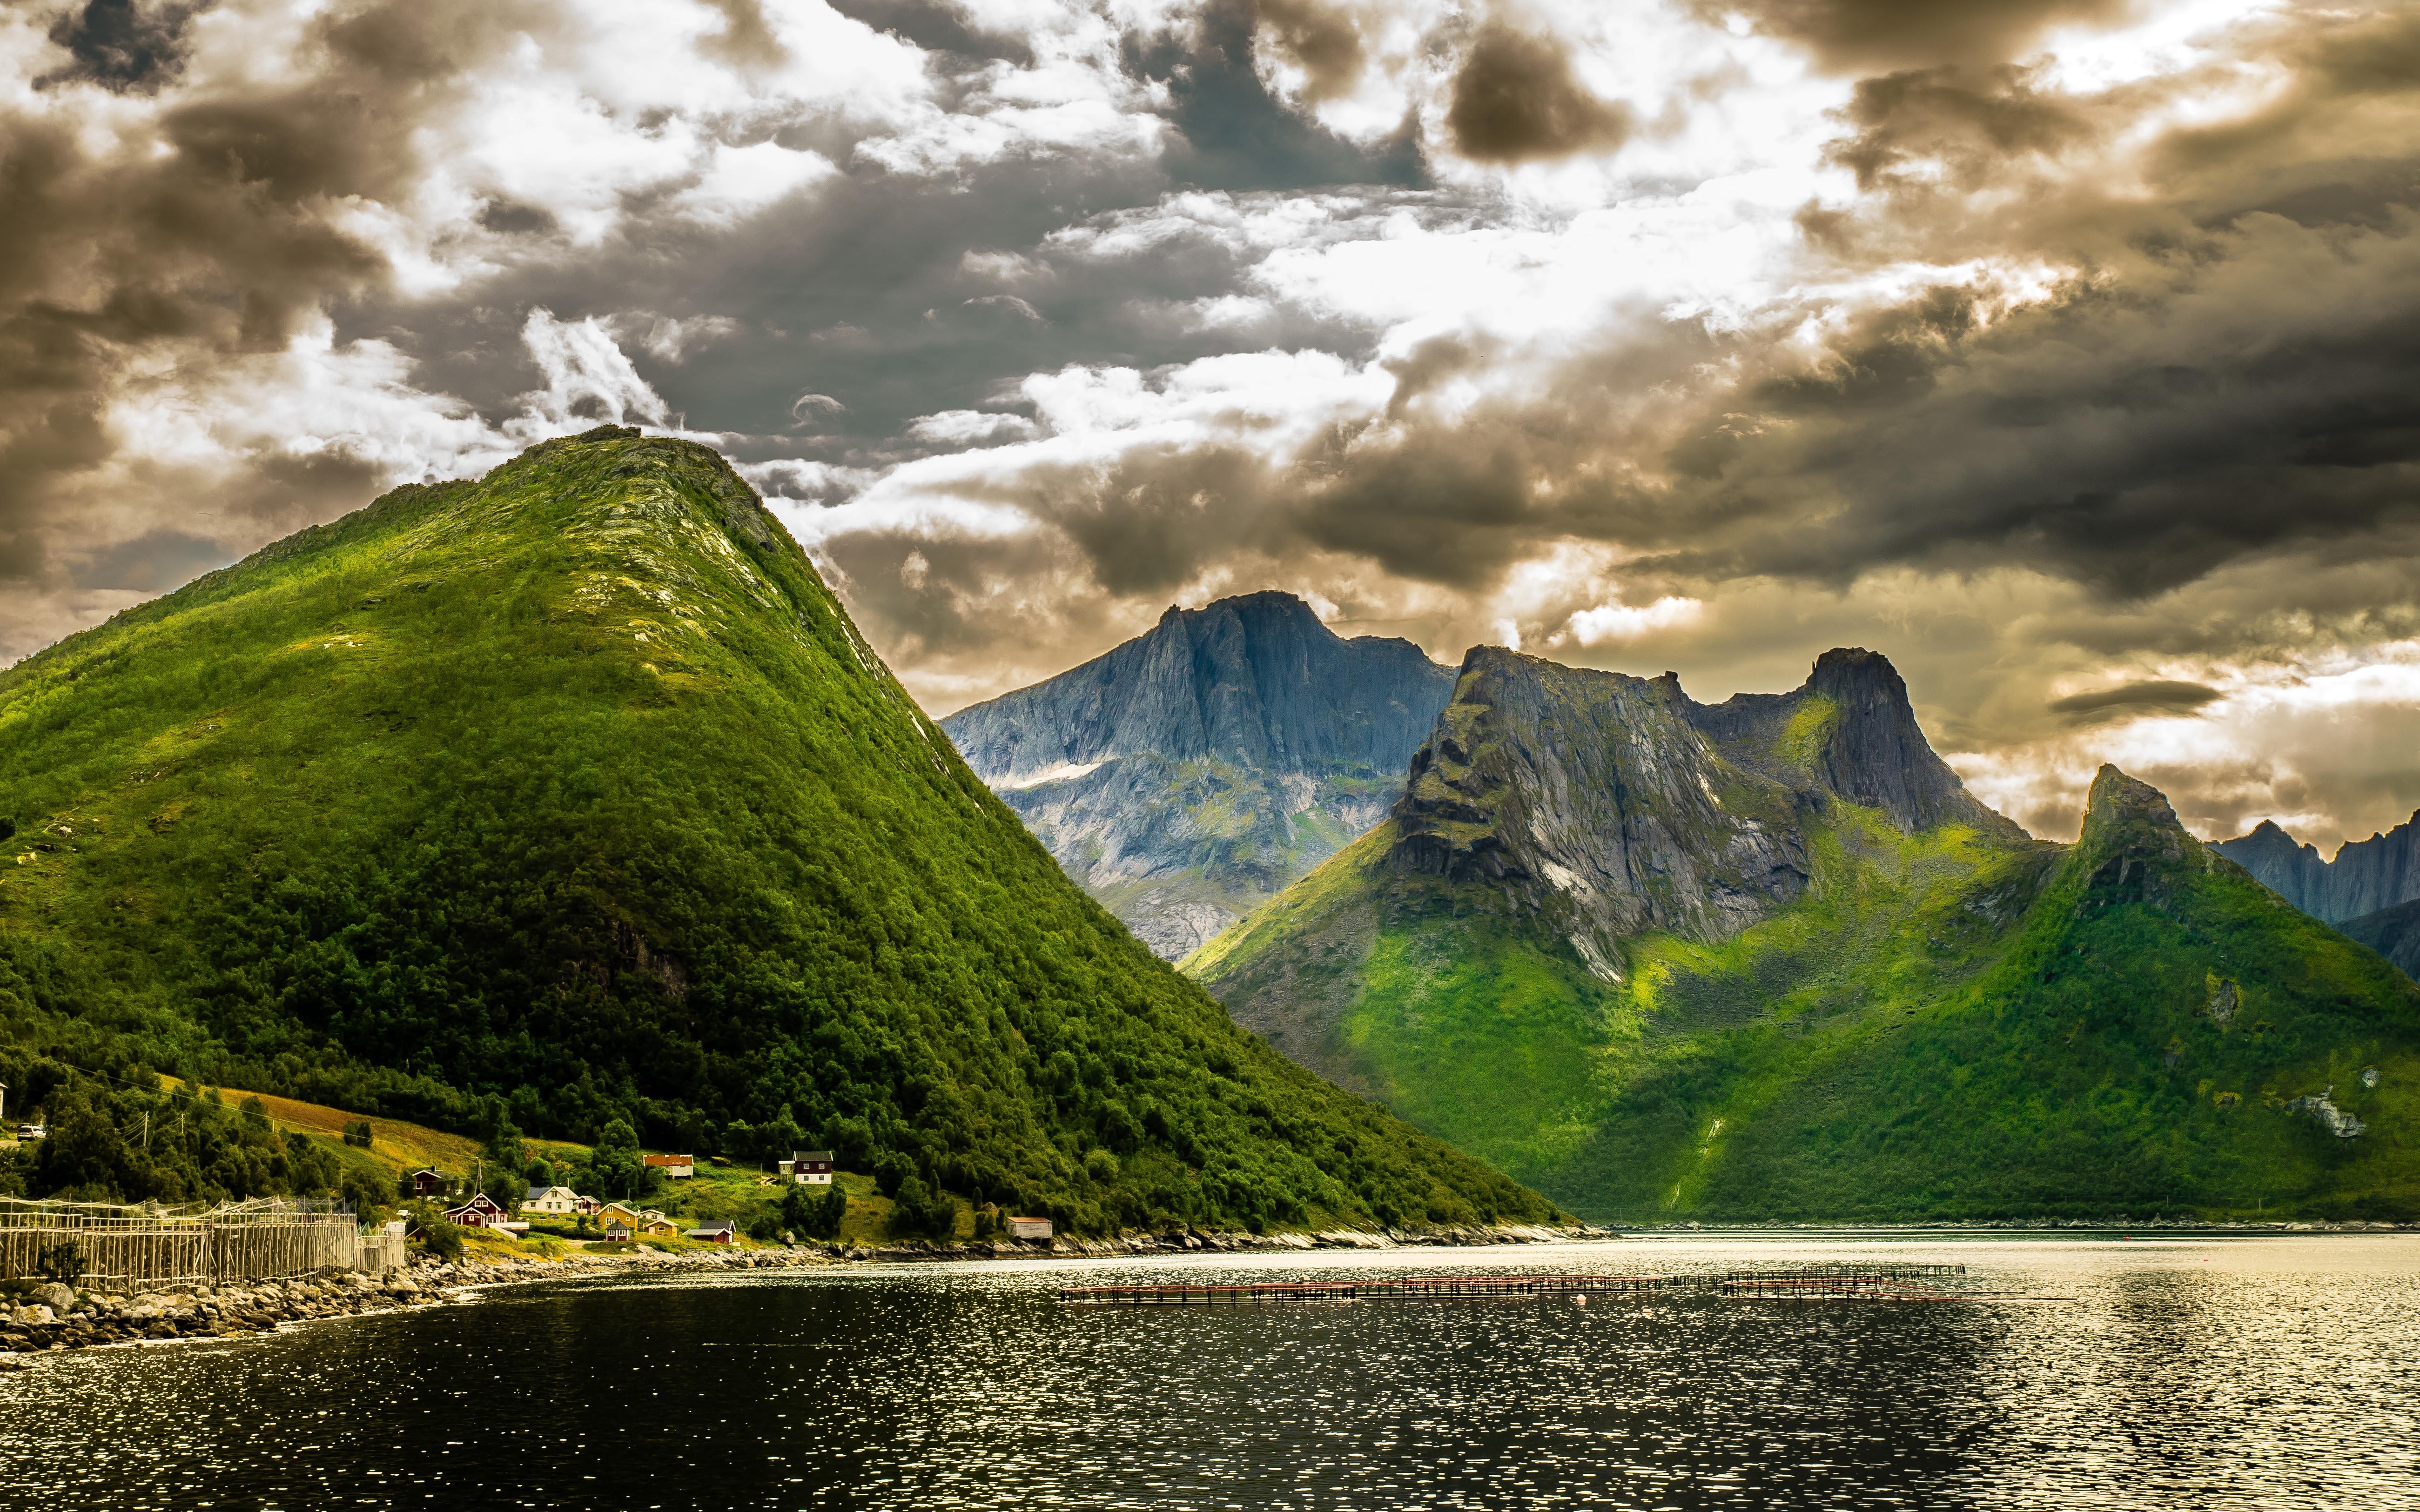 Falls Hd Wallpaper Free Download Summer Landscape Green Norwegian Mountains Rocky Peaks